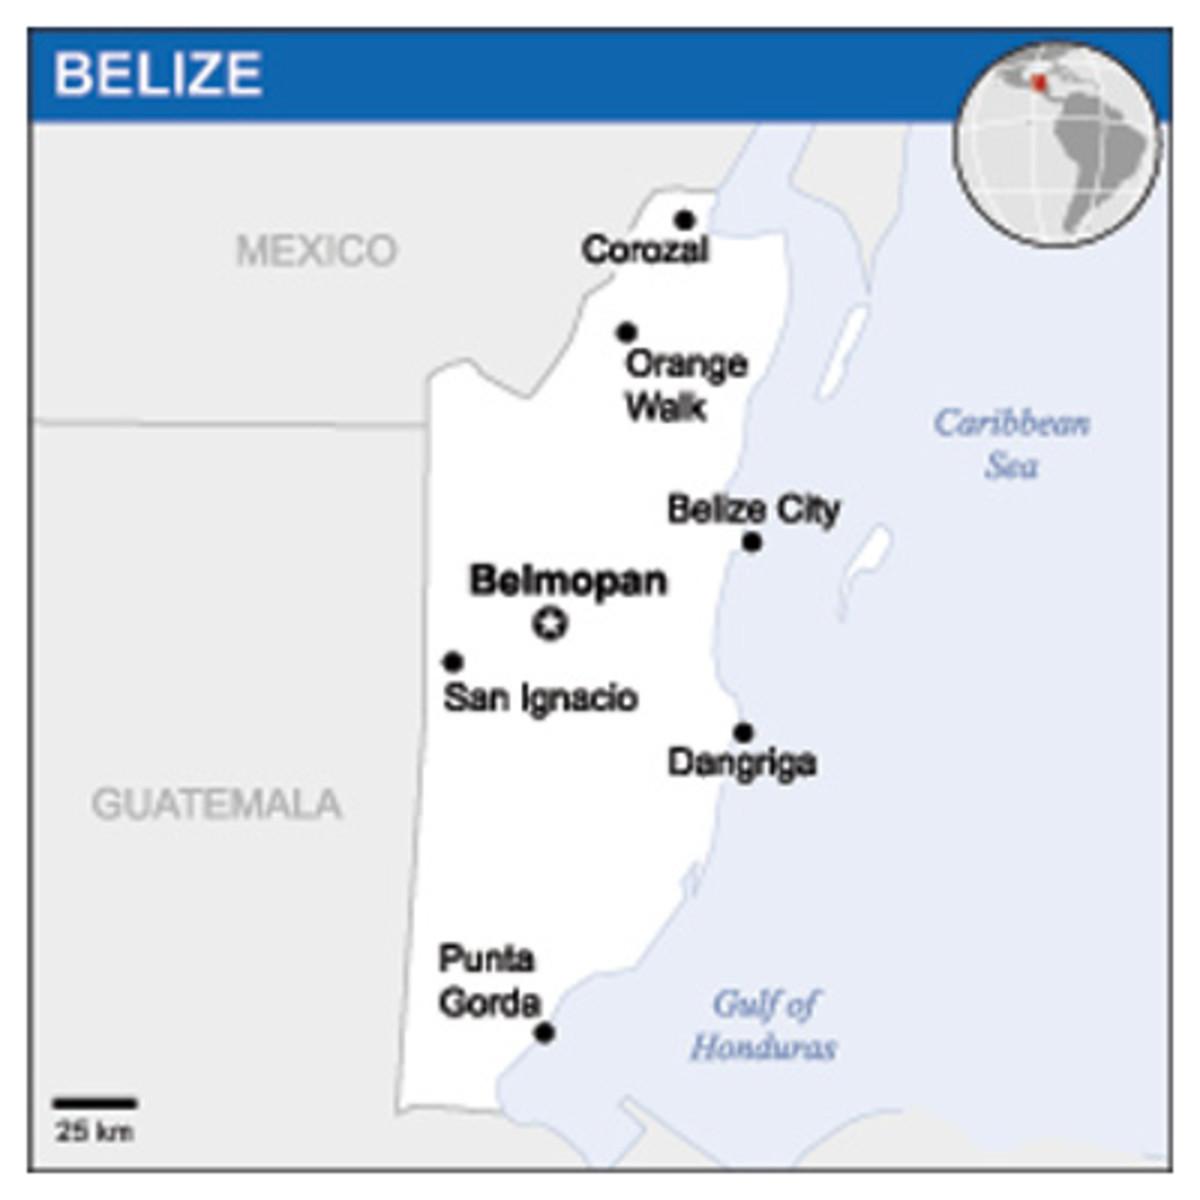 Belize_-_Location_Map_(2013)_-_BLZ_-_UNOCHA